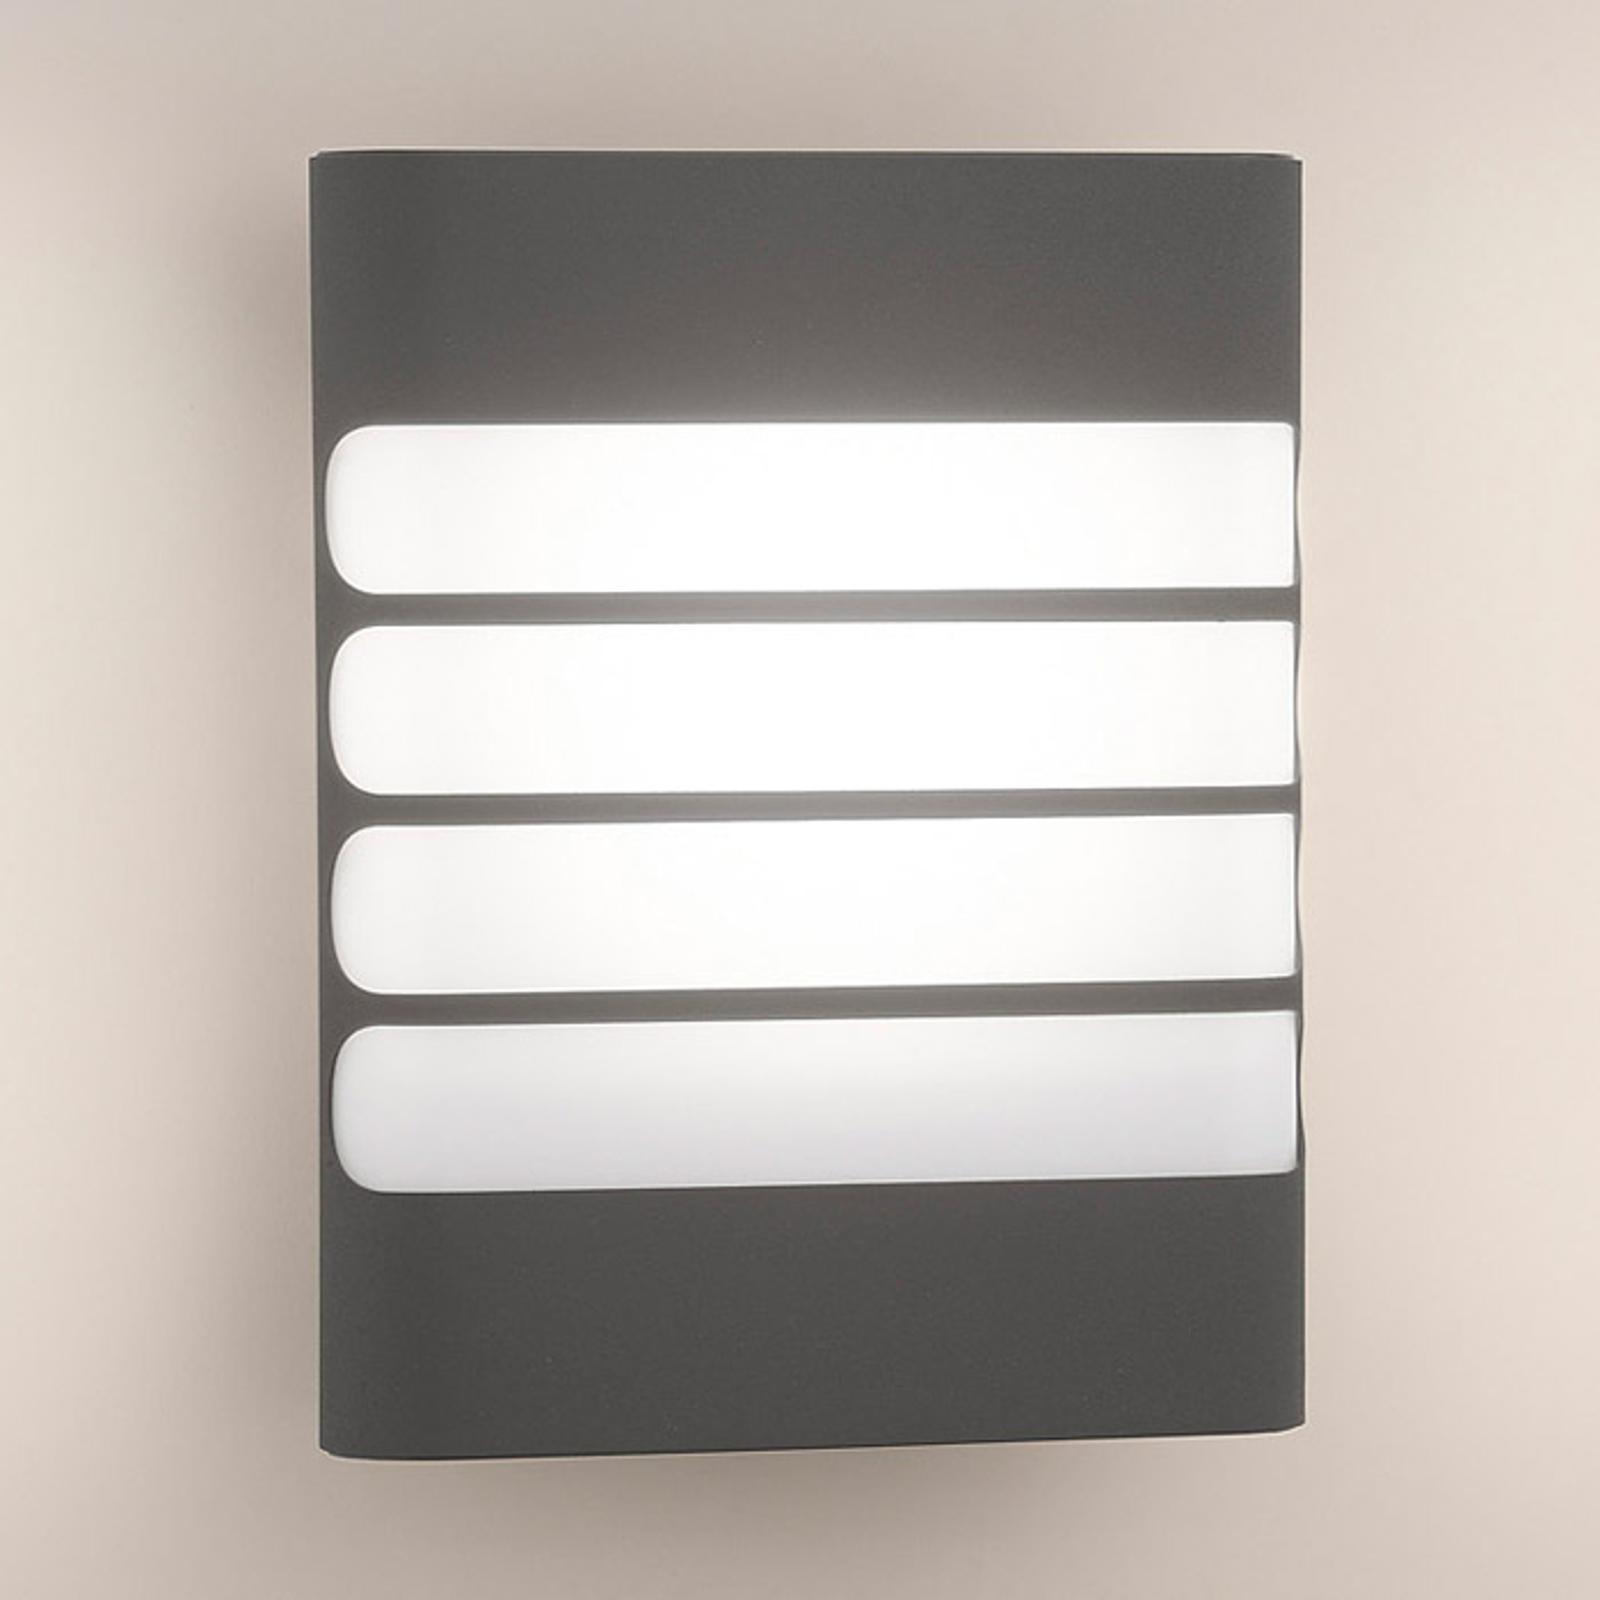 Antrasittfarget LED-utevegglys Racconn